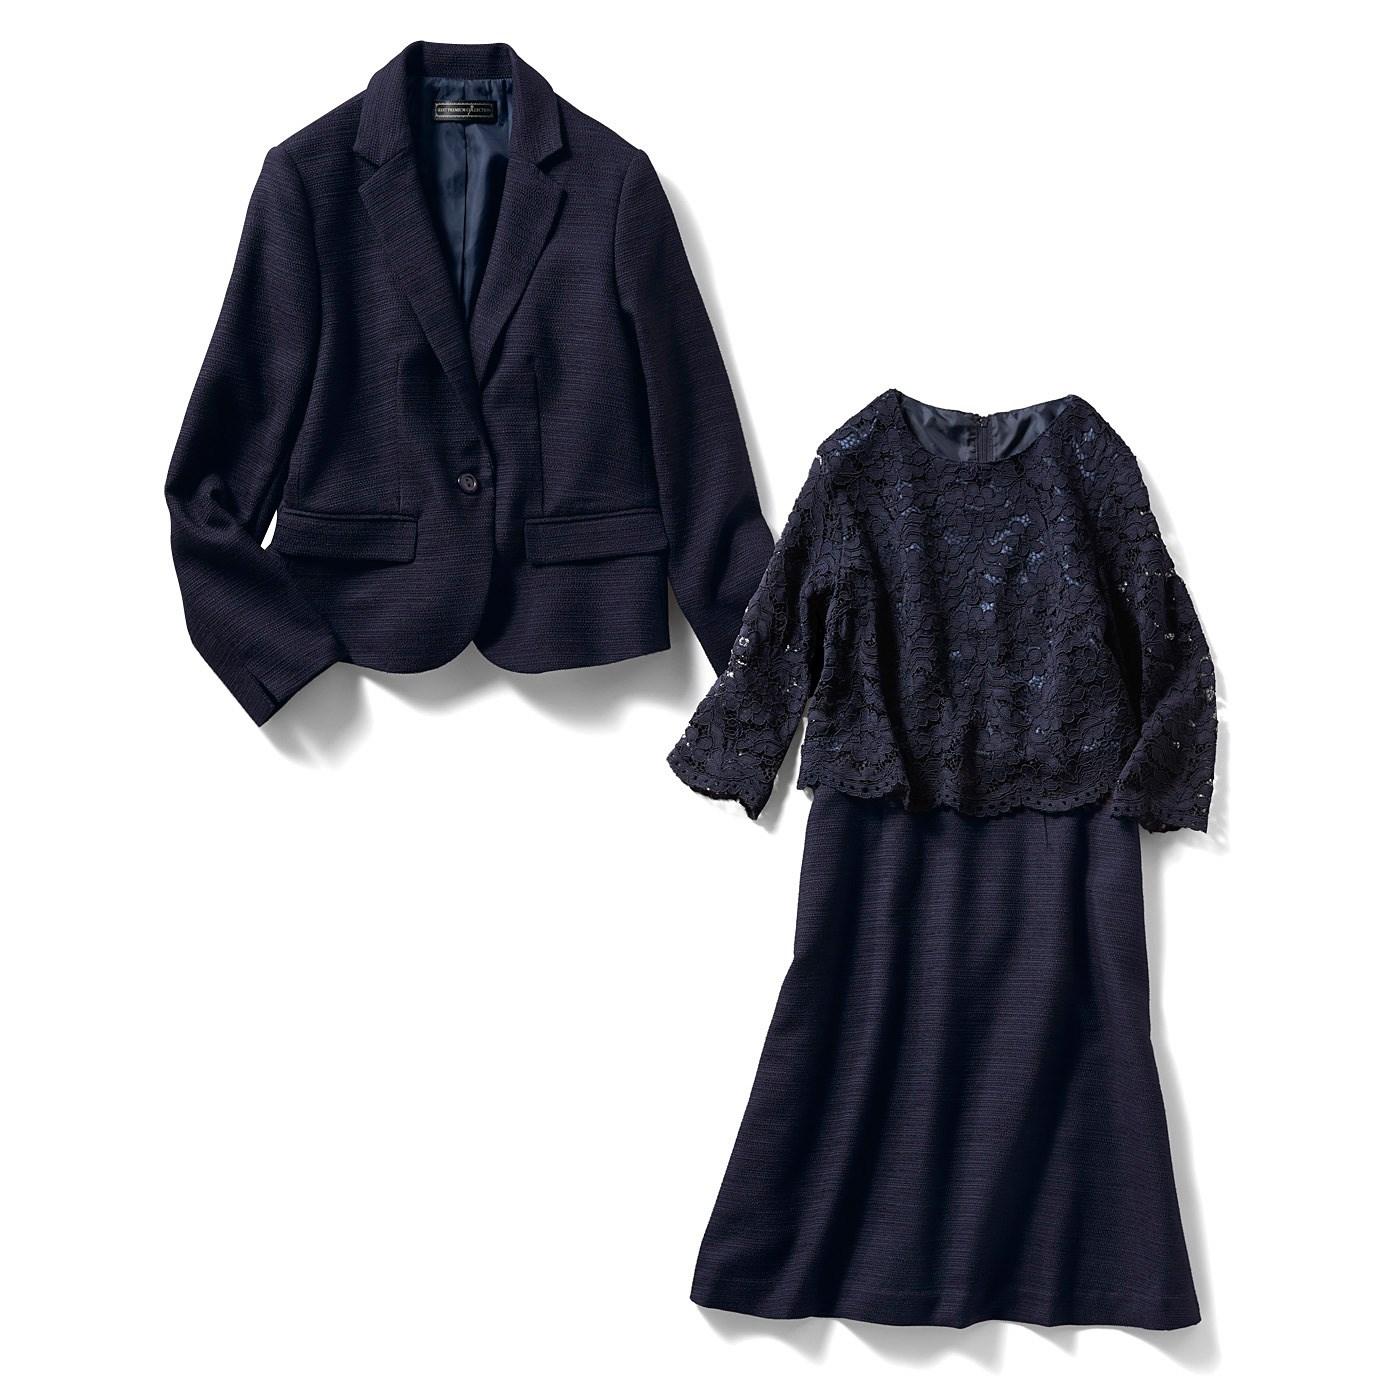 「正装」にふさわしいテーラードジャケットは、着こなしやすい丈感と表情のあるツイード素材で、きちんと見せつつ女性らしい印象に。ワンピースは上品見えして季節を問わない七分袖。ほんのり肌見せが女性らしい。一枚で華やぐレース仕立て。重ね着感のある凝ったデザインで、さらっと一枚でも、きちんと着映え。すそのスカラップが愛らしい。